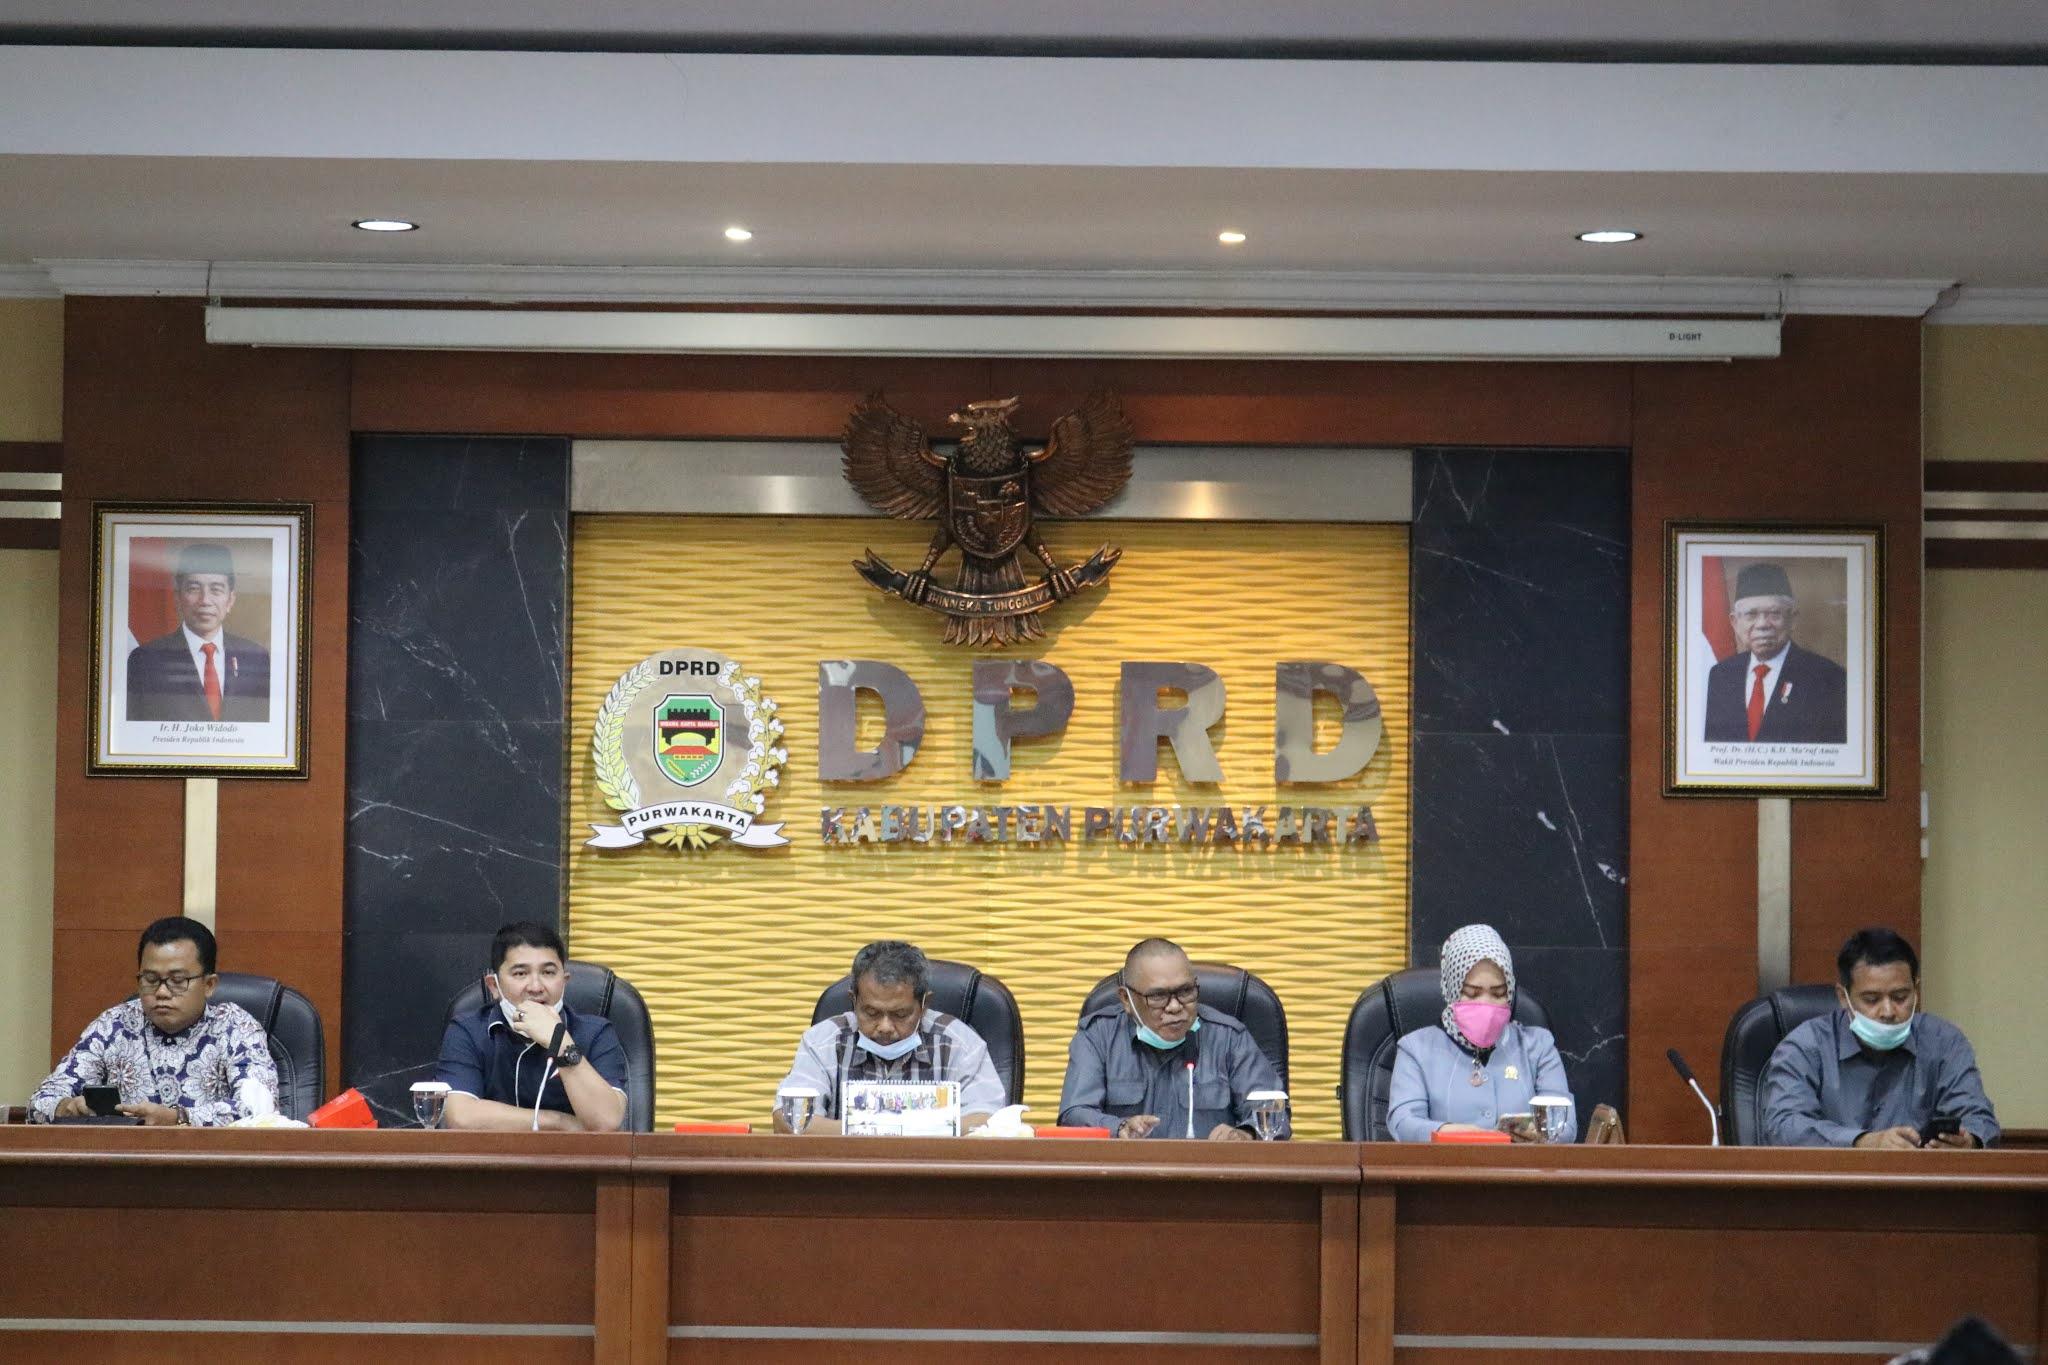 DPRD Purwakarta Terima Kunjungan  Dua Pansus DPRD Karawang